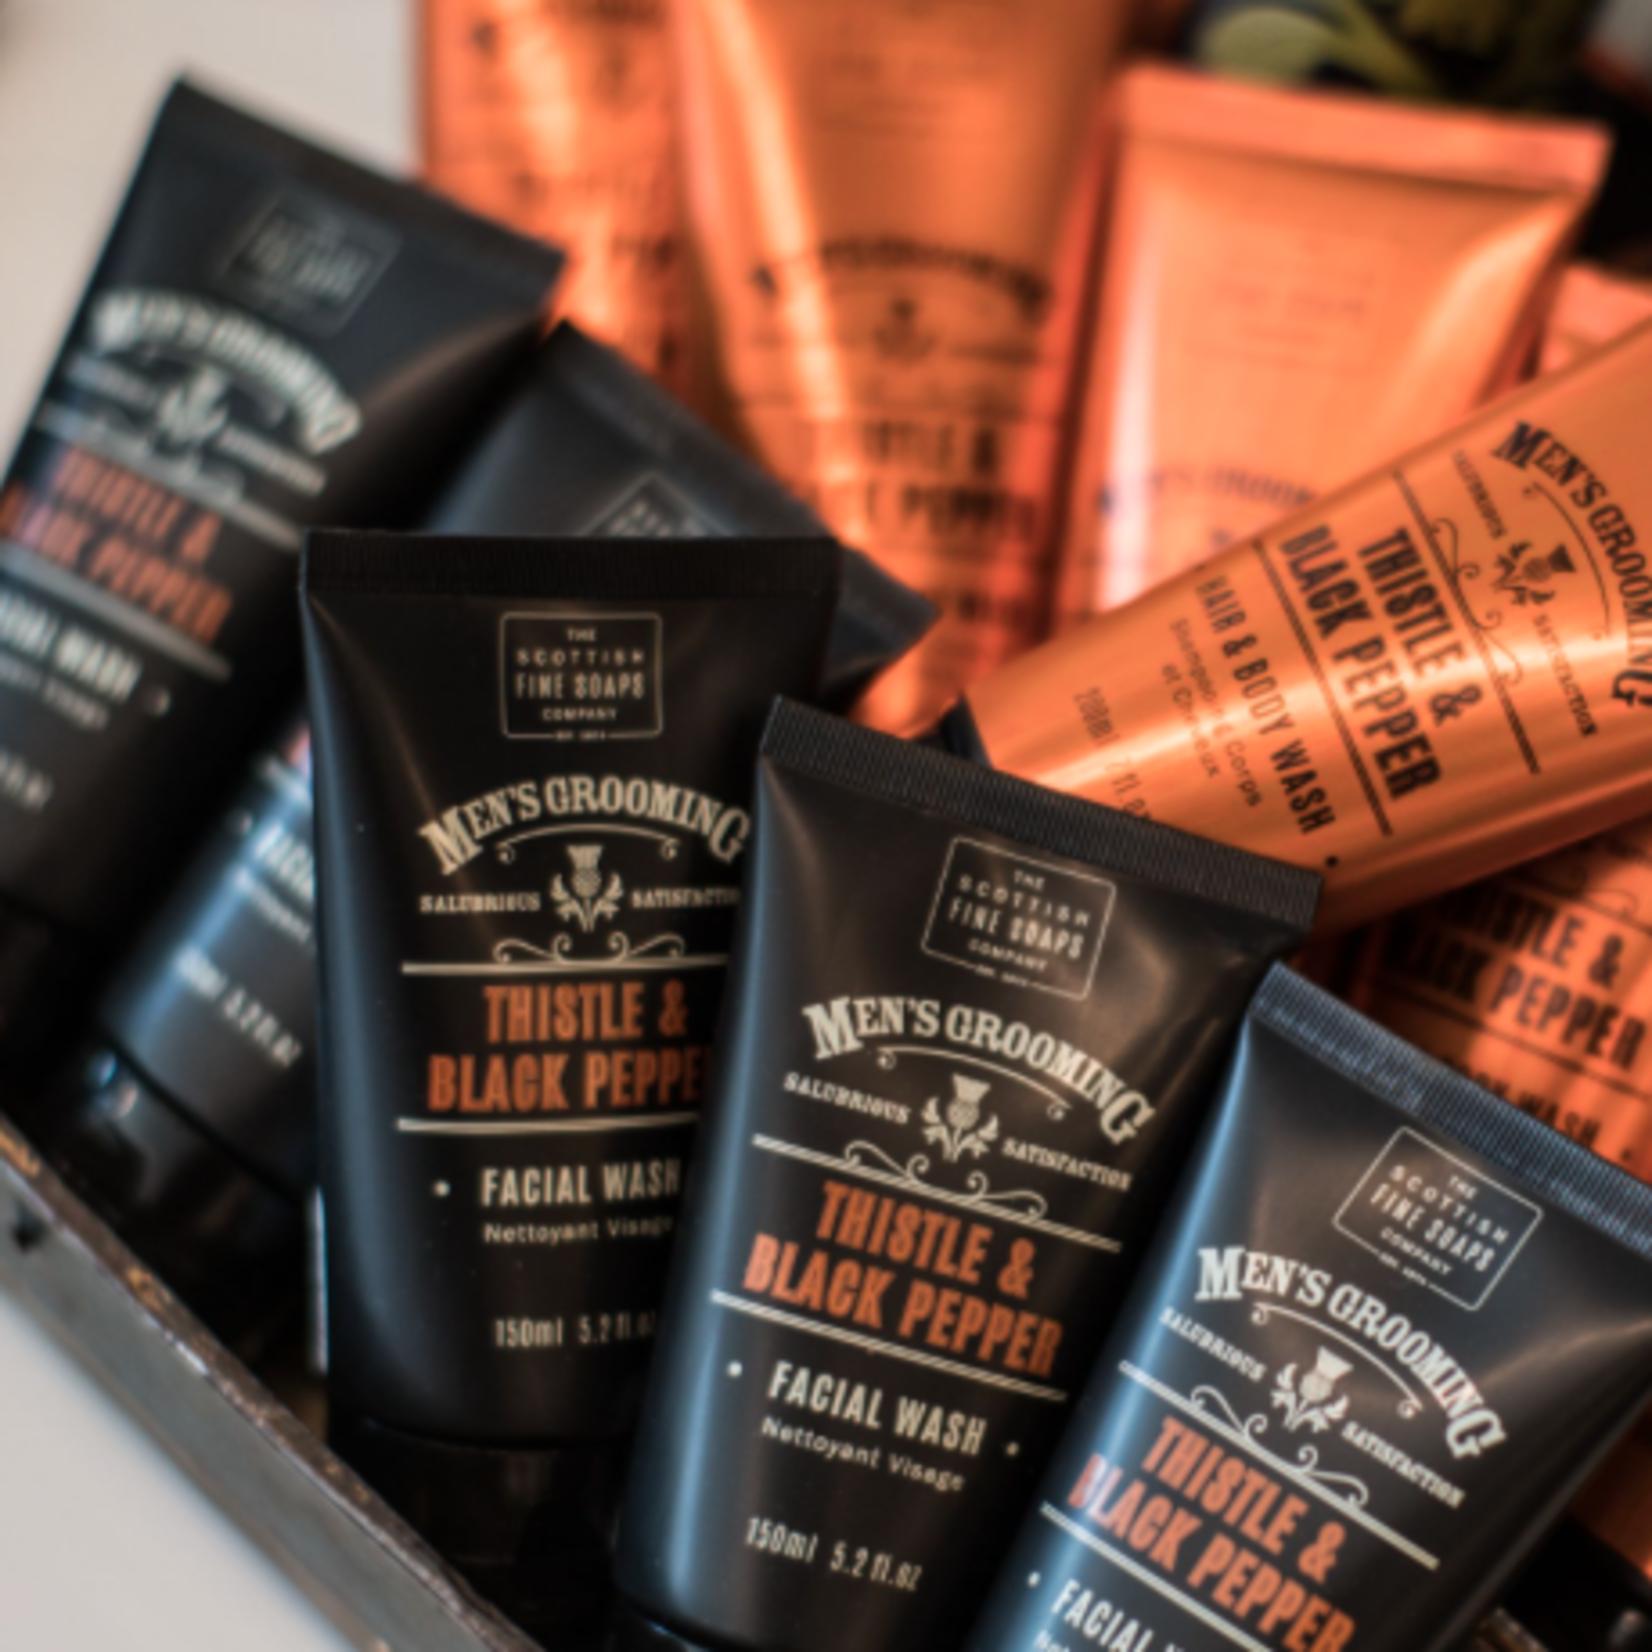 SFS-  Men's Hair & Body Shampoo-Thistle